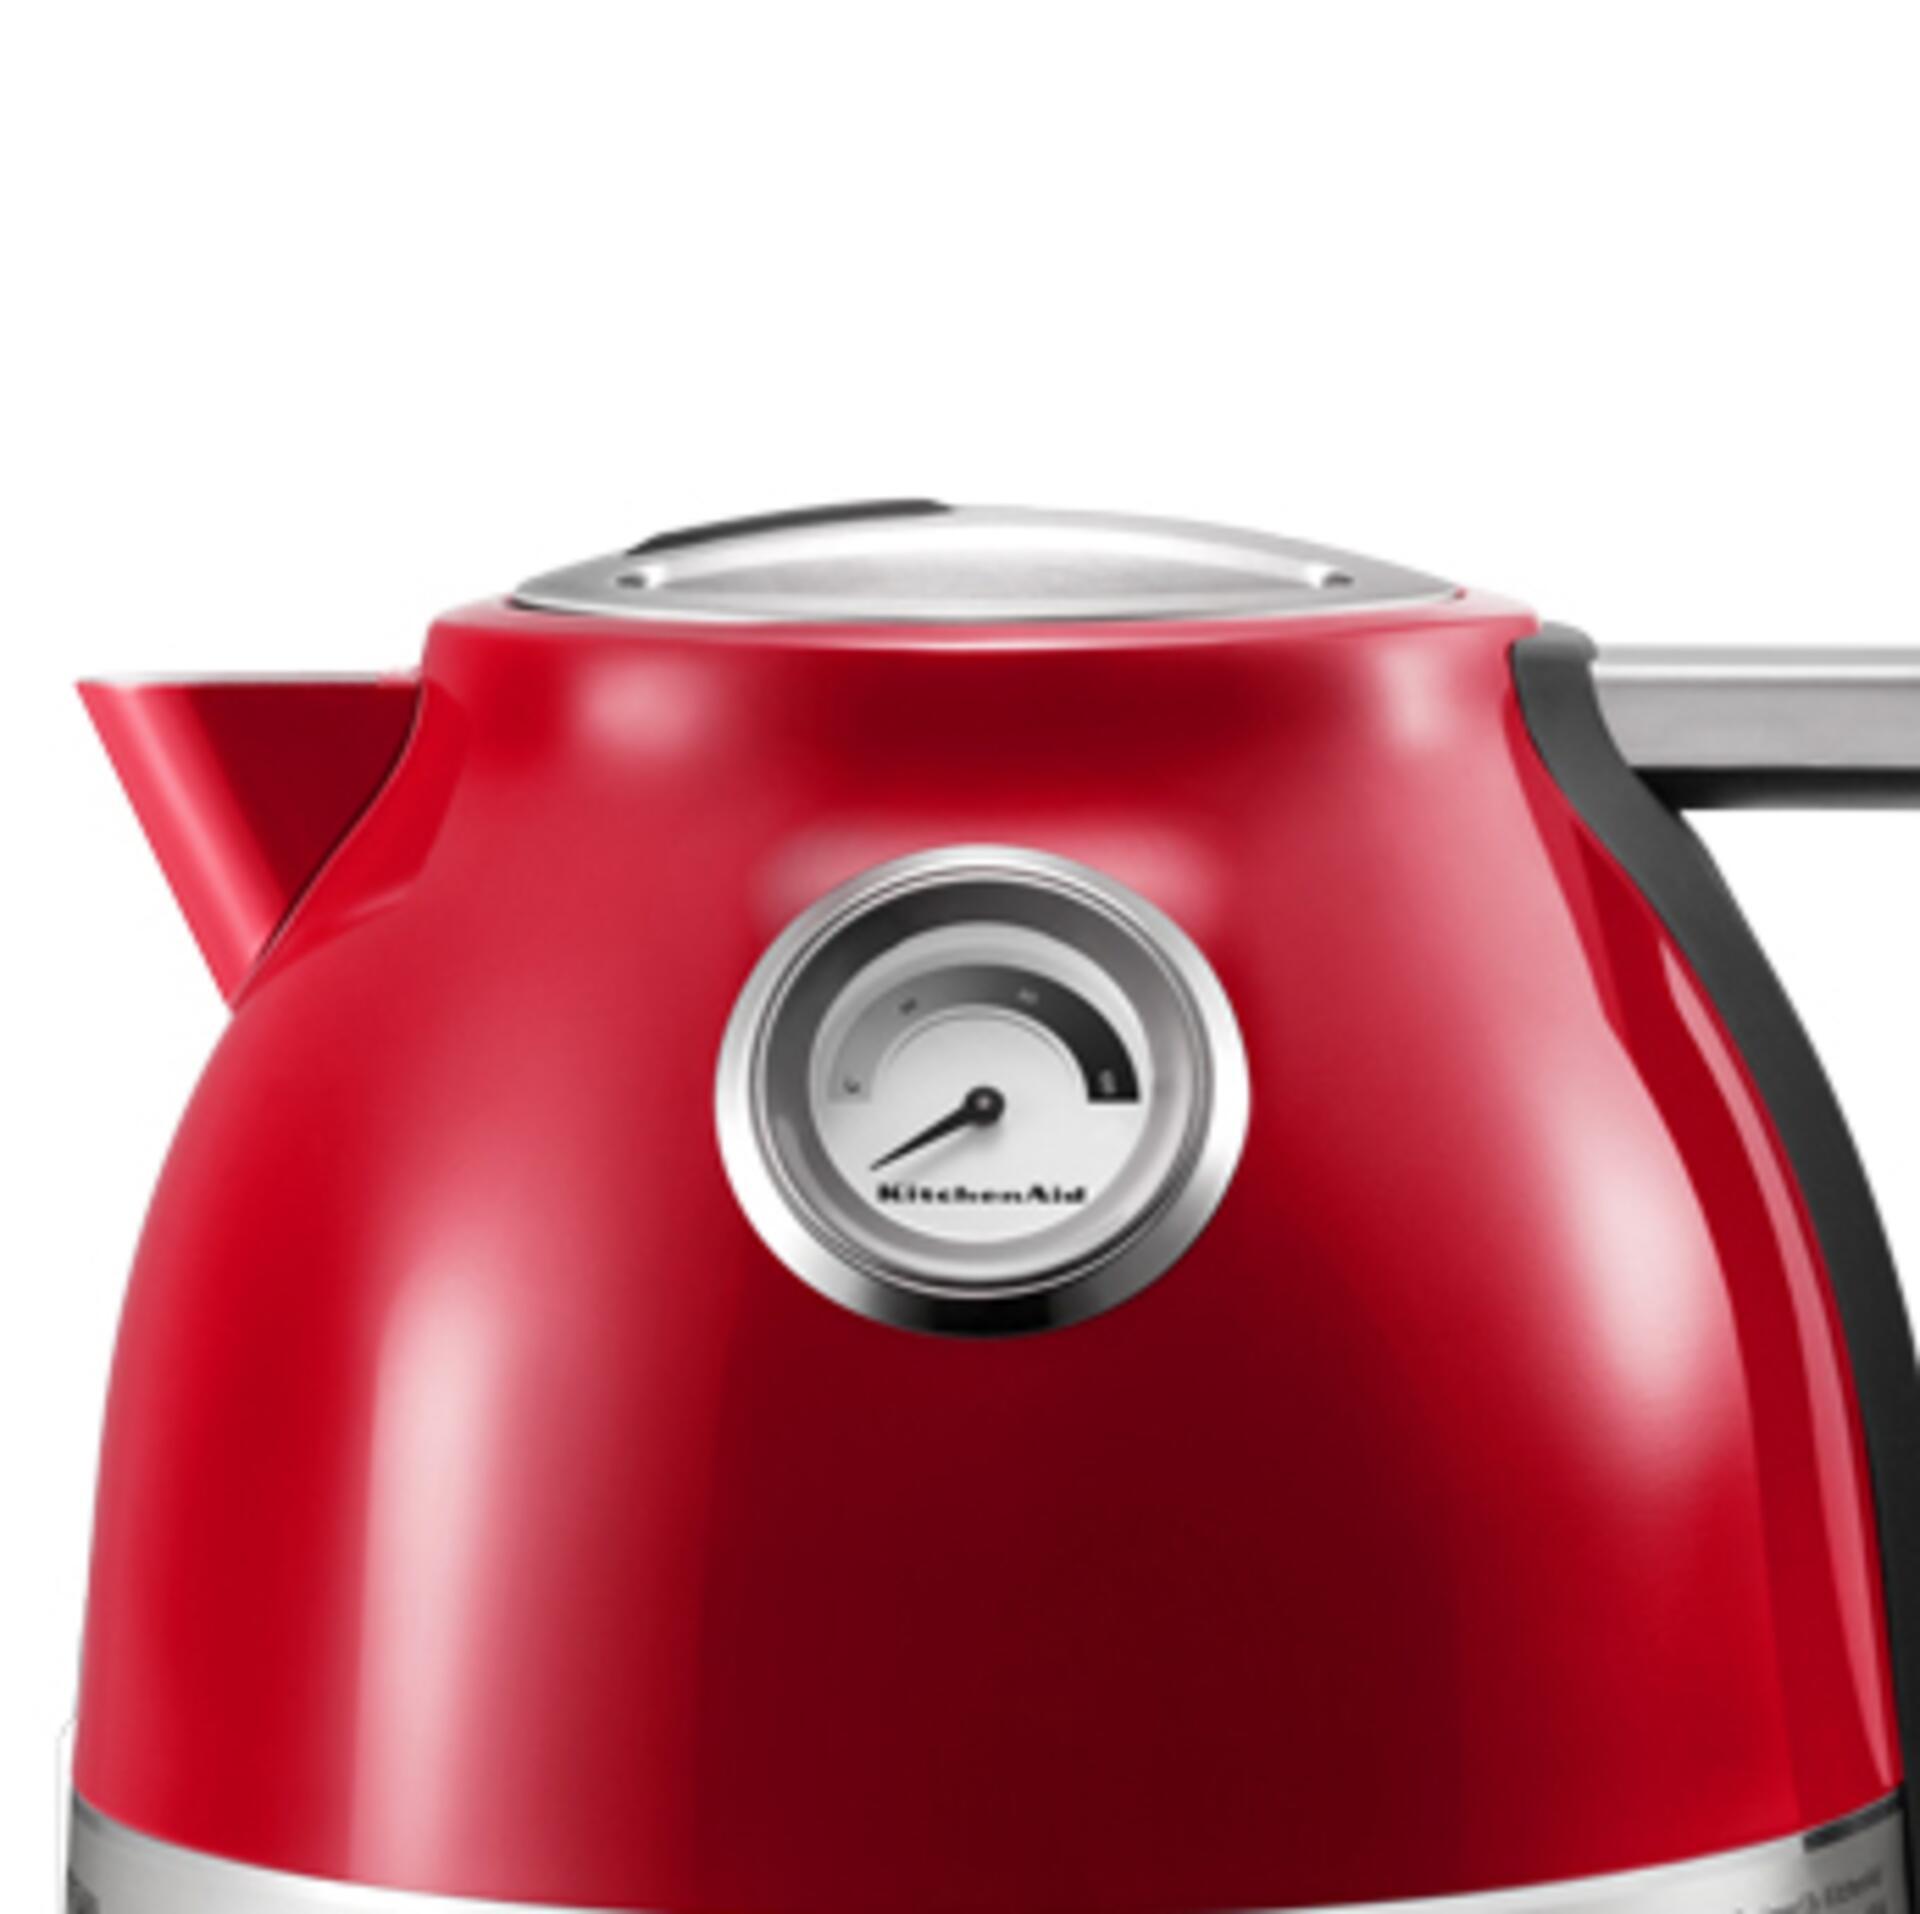 Kitchenaid Artisan Wasserkocher Gusseisen Schwarz 5KEK1522EBK